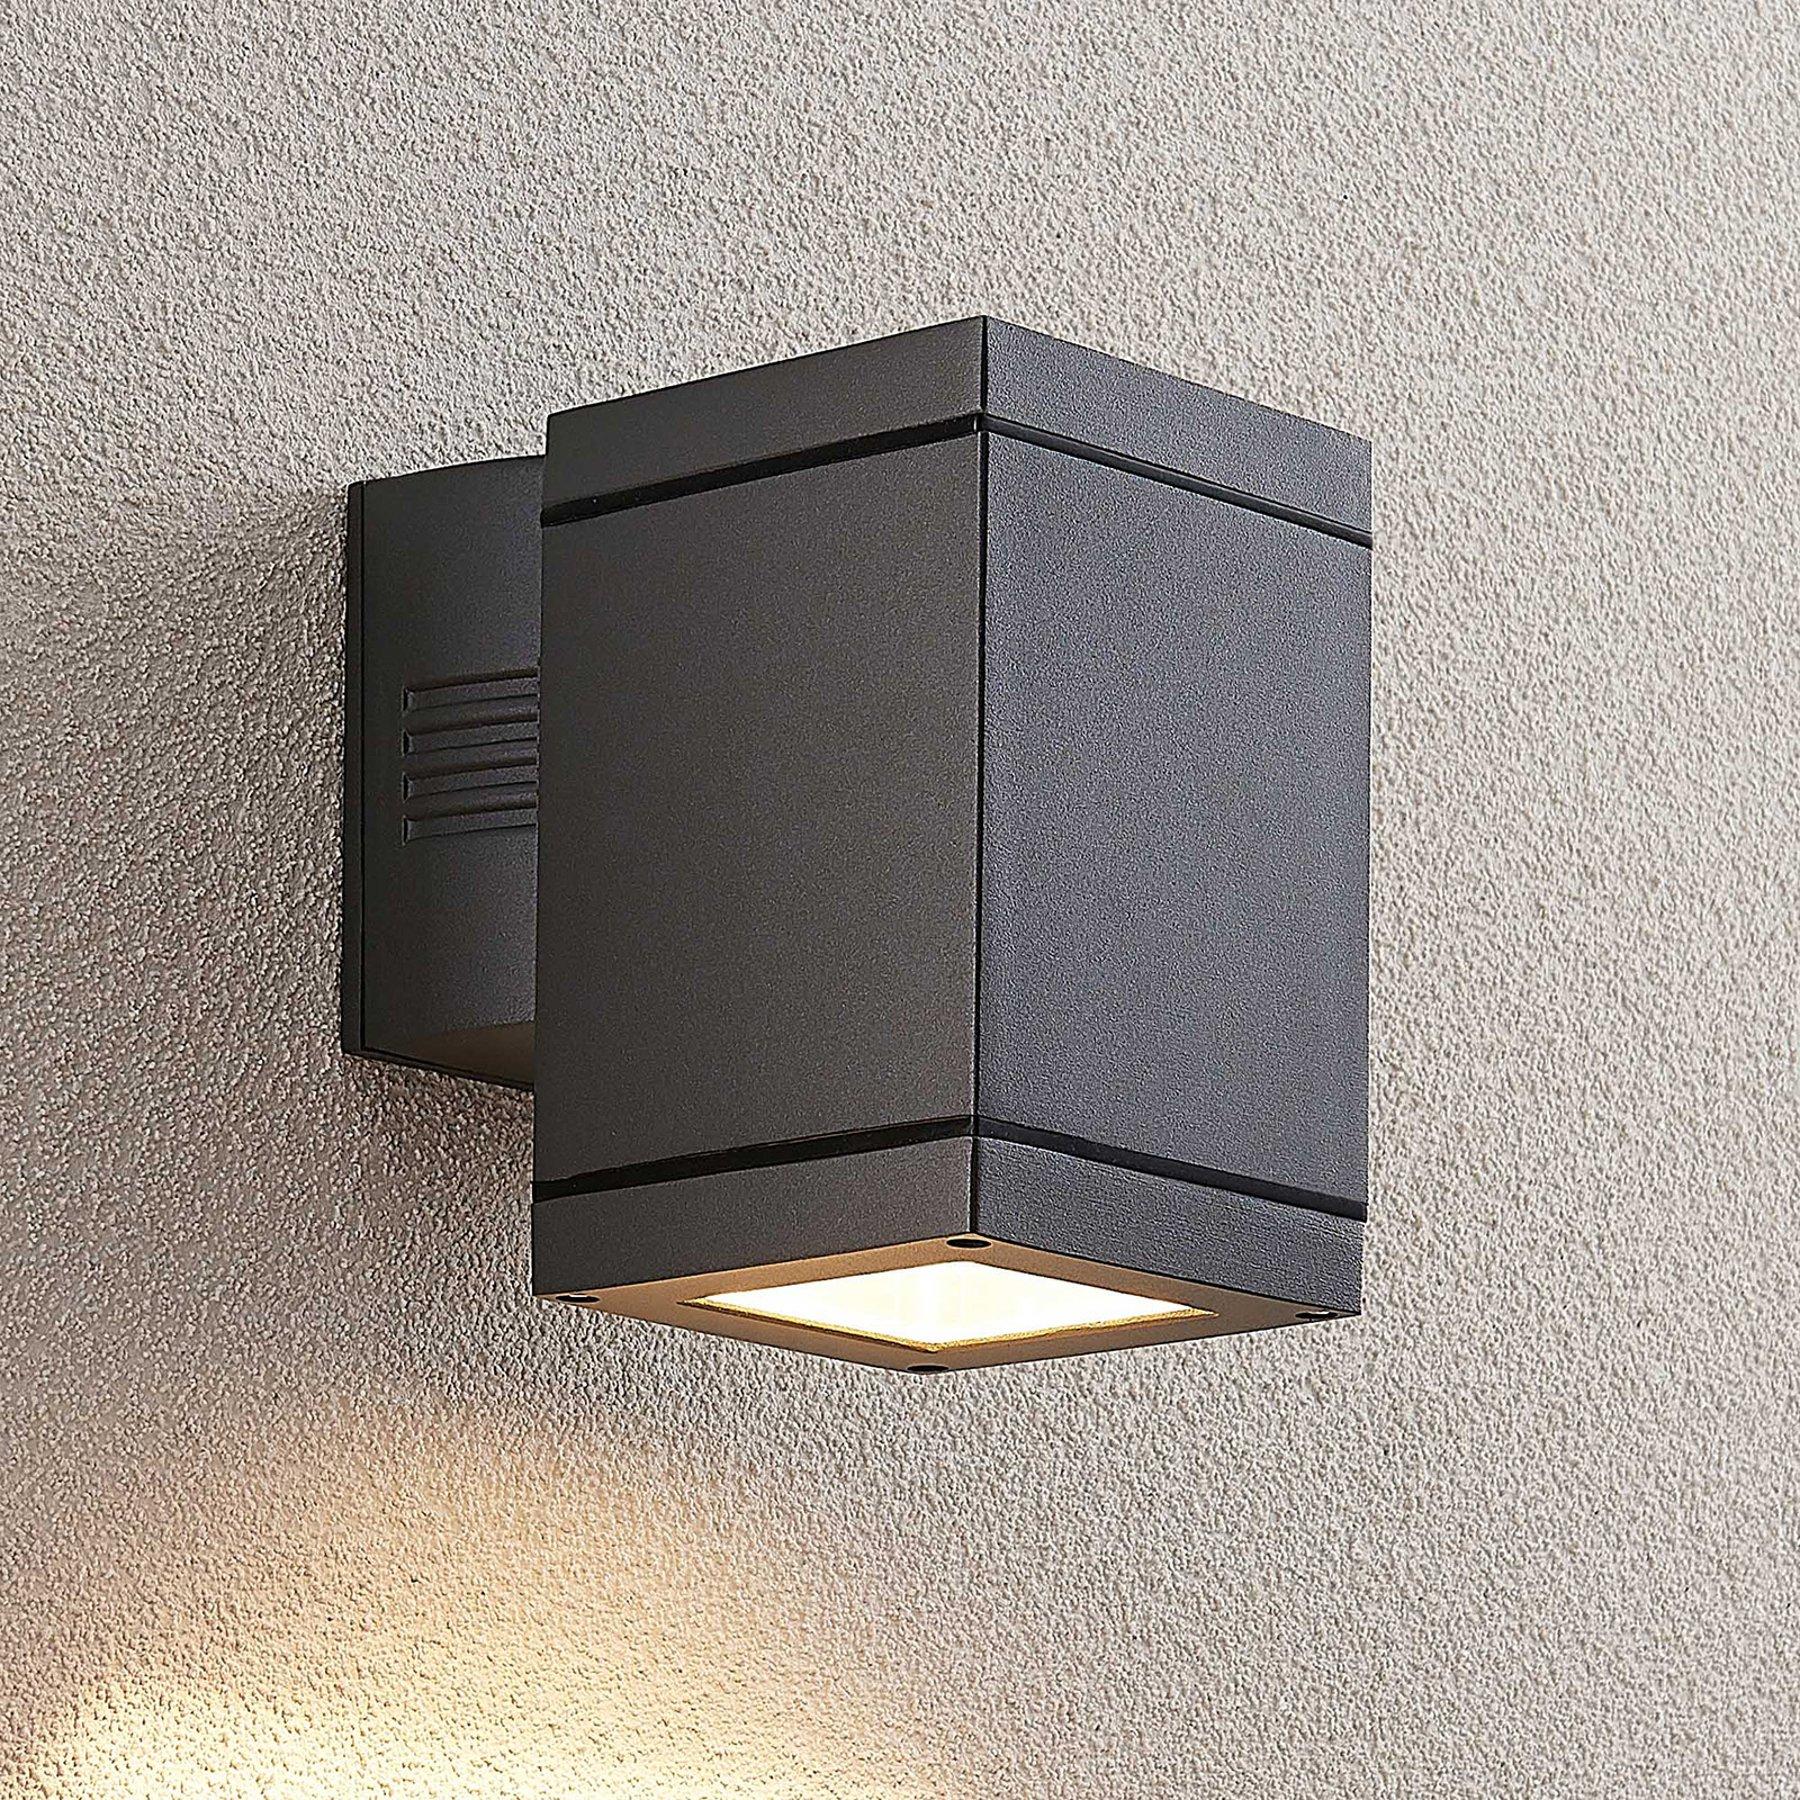 Lucande Stani utendørs vegglampe, E27, 1 lyskilder